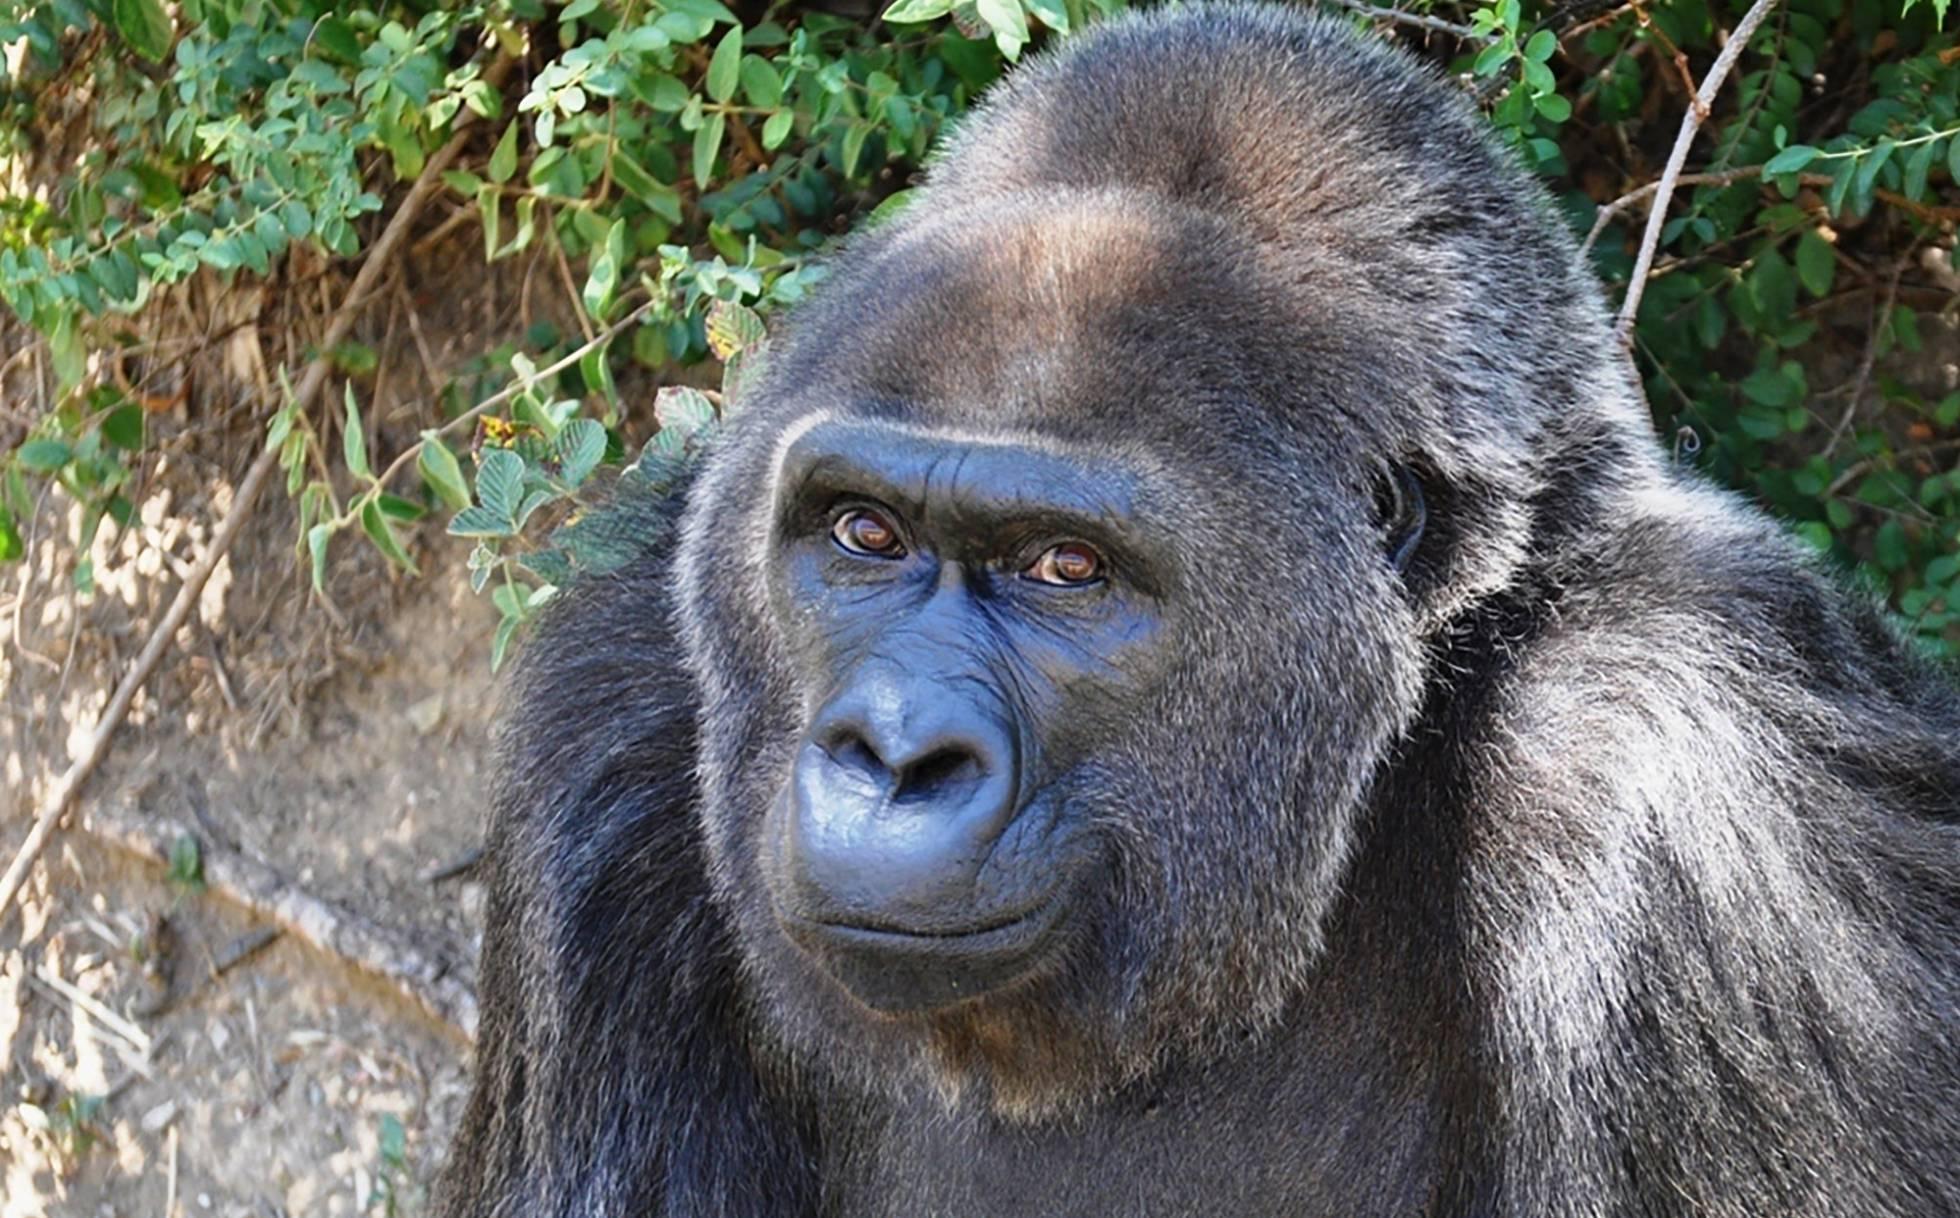 Muere a los 63 años, Trudy la gorila en cautiverio más vieja